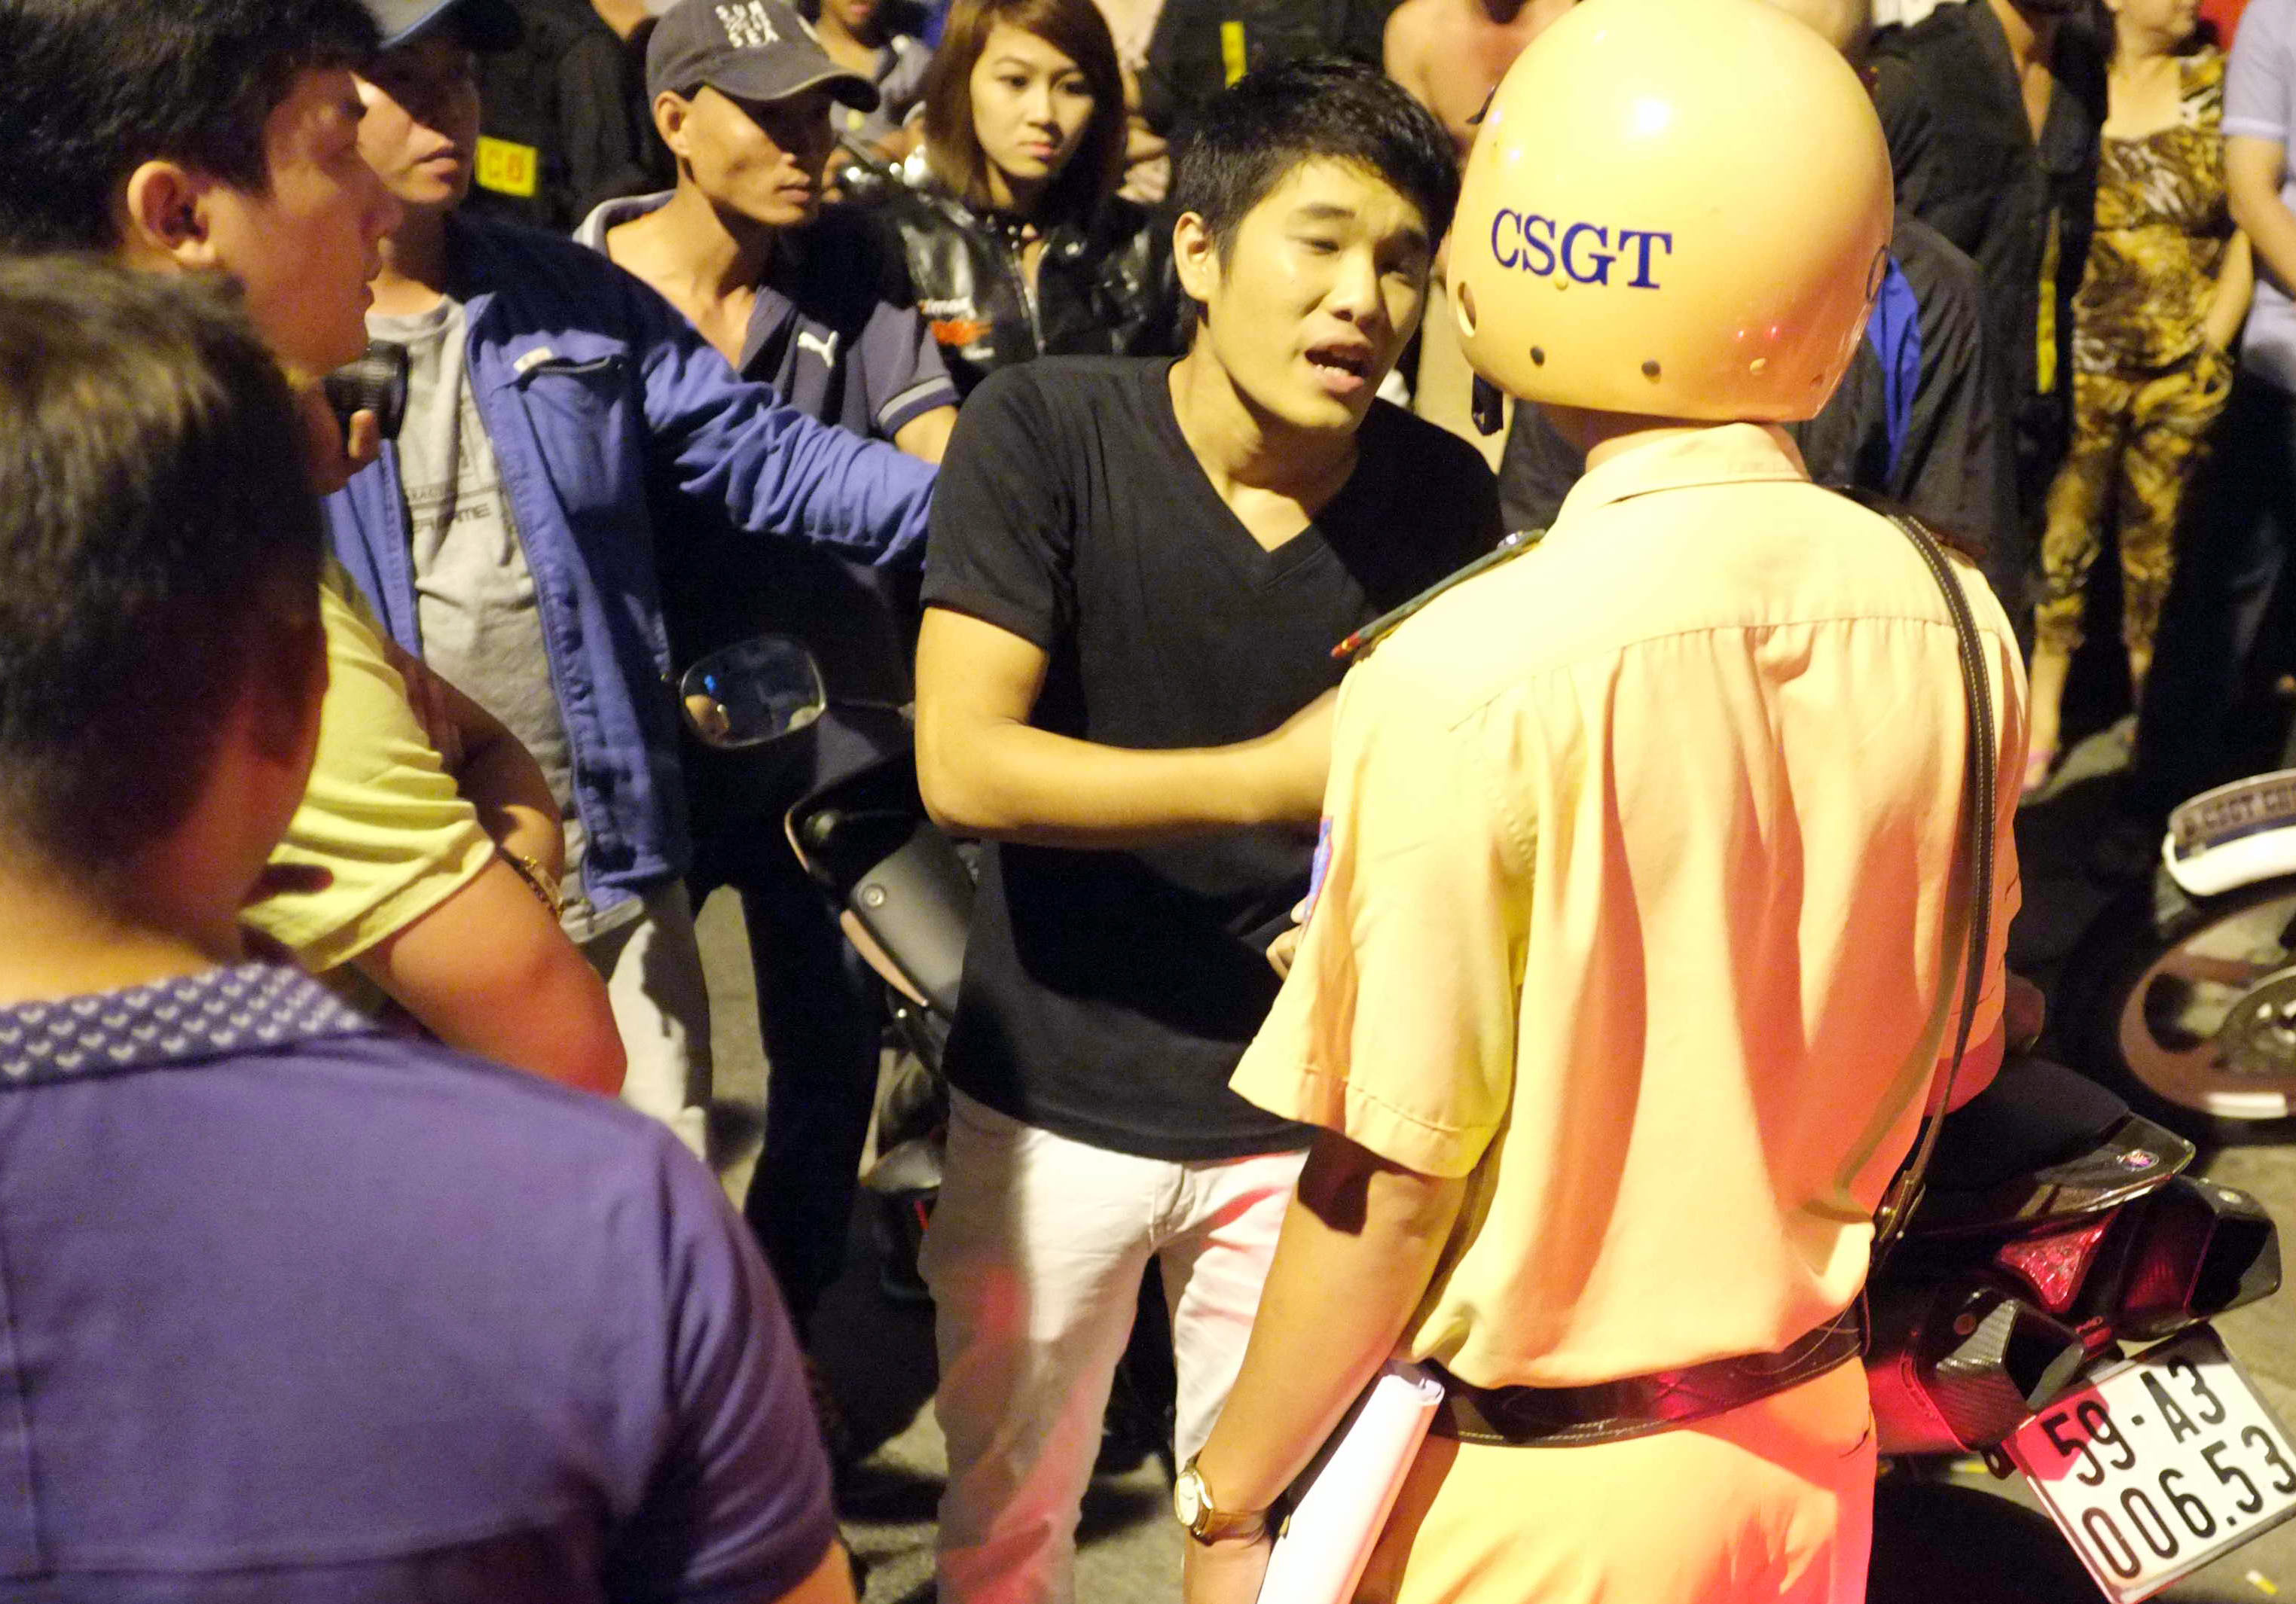 Nam thanh niên đôi co với cảnh sát giao thông. Ảnh: A.N